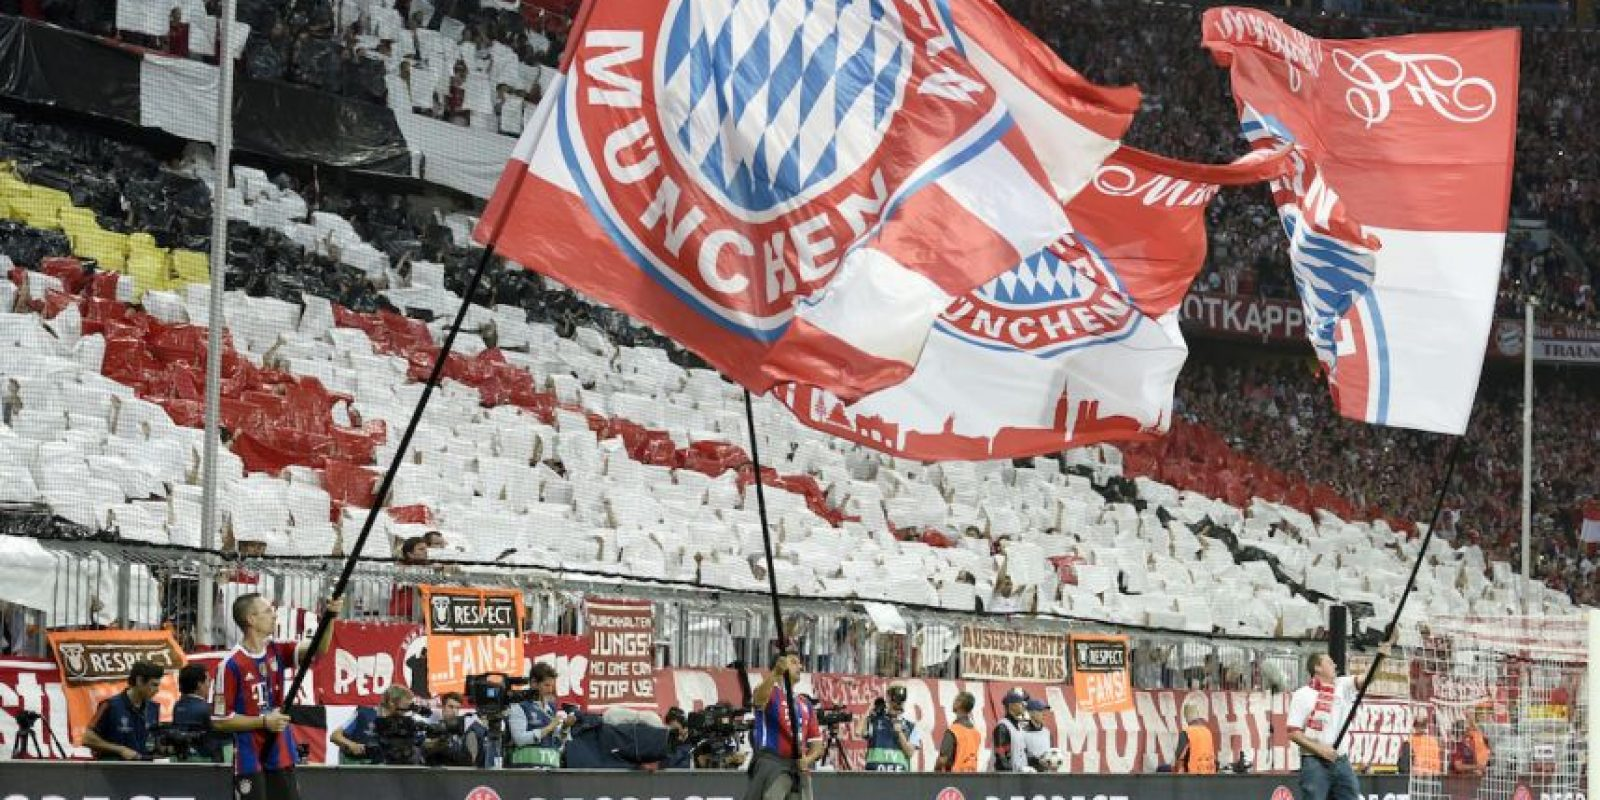 1. Bayern Munich: El club bávaro donó un millón de euros para apoyar los campamentos de refugiados sirios que hay en la ciudad de Munich. Foto:Getty Images